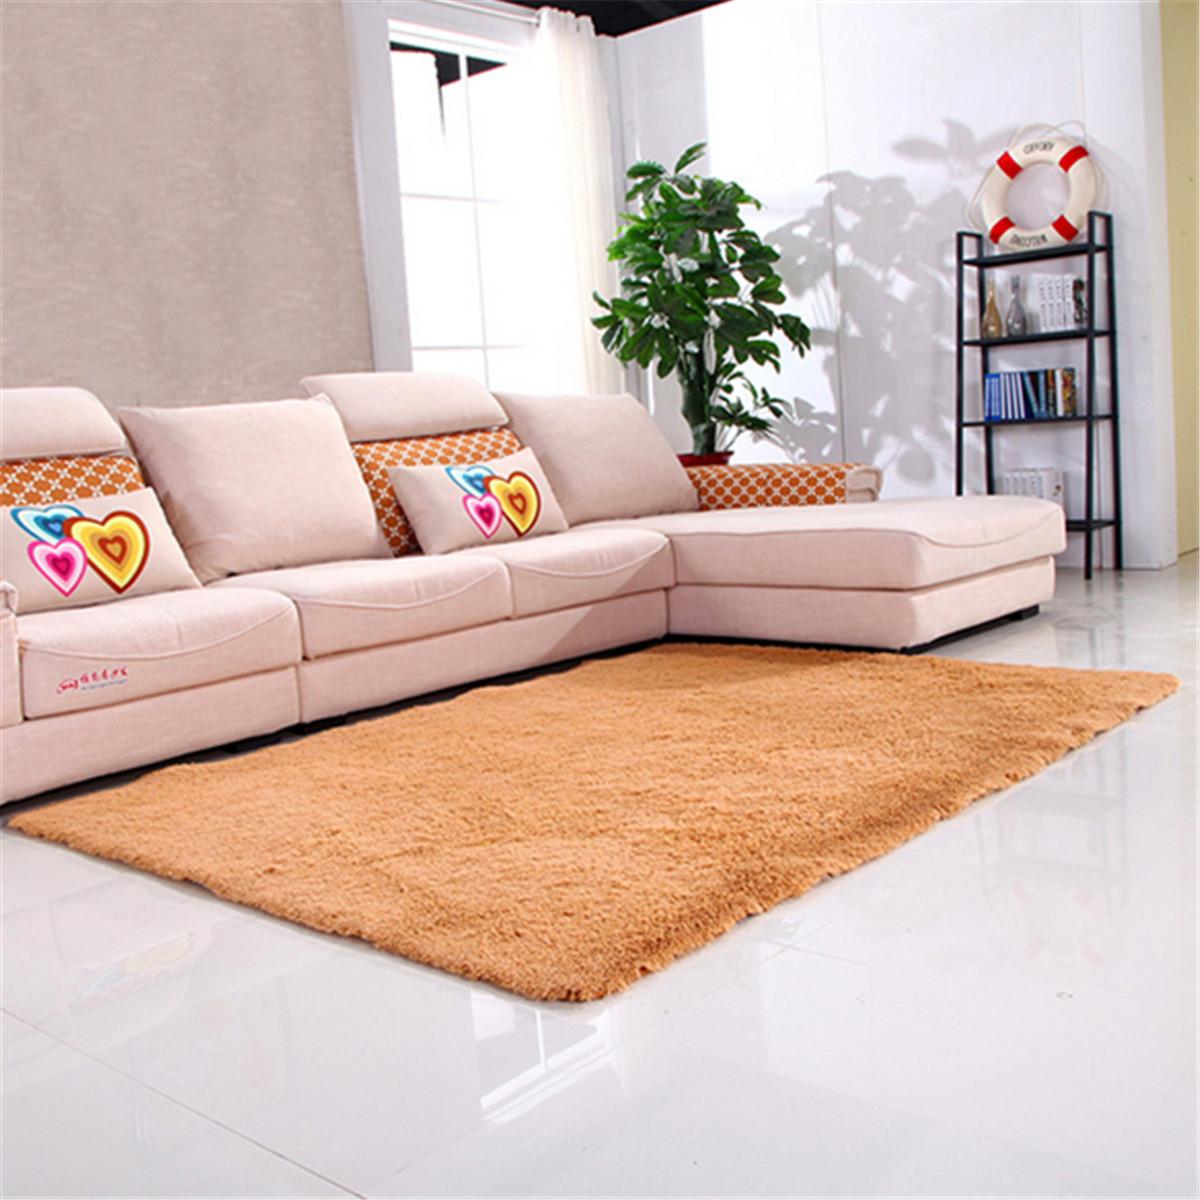 Living Room  3x5 Rugs - 1CC799CB6603039D9A12D2CCCC13CDD253CDFB2626D283669D03D26E9D4623CE9356269E2CCC9E169EF513CD_Most Inspiring Living Room  3x5 Rugs - 1CC799CB6603039D9A12D2CCCC13CDD253CDFB2626D283669D03D26E9D4623CE9356269E2CCC9E169EF513CD  Gallery_179689.jpg